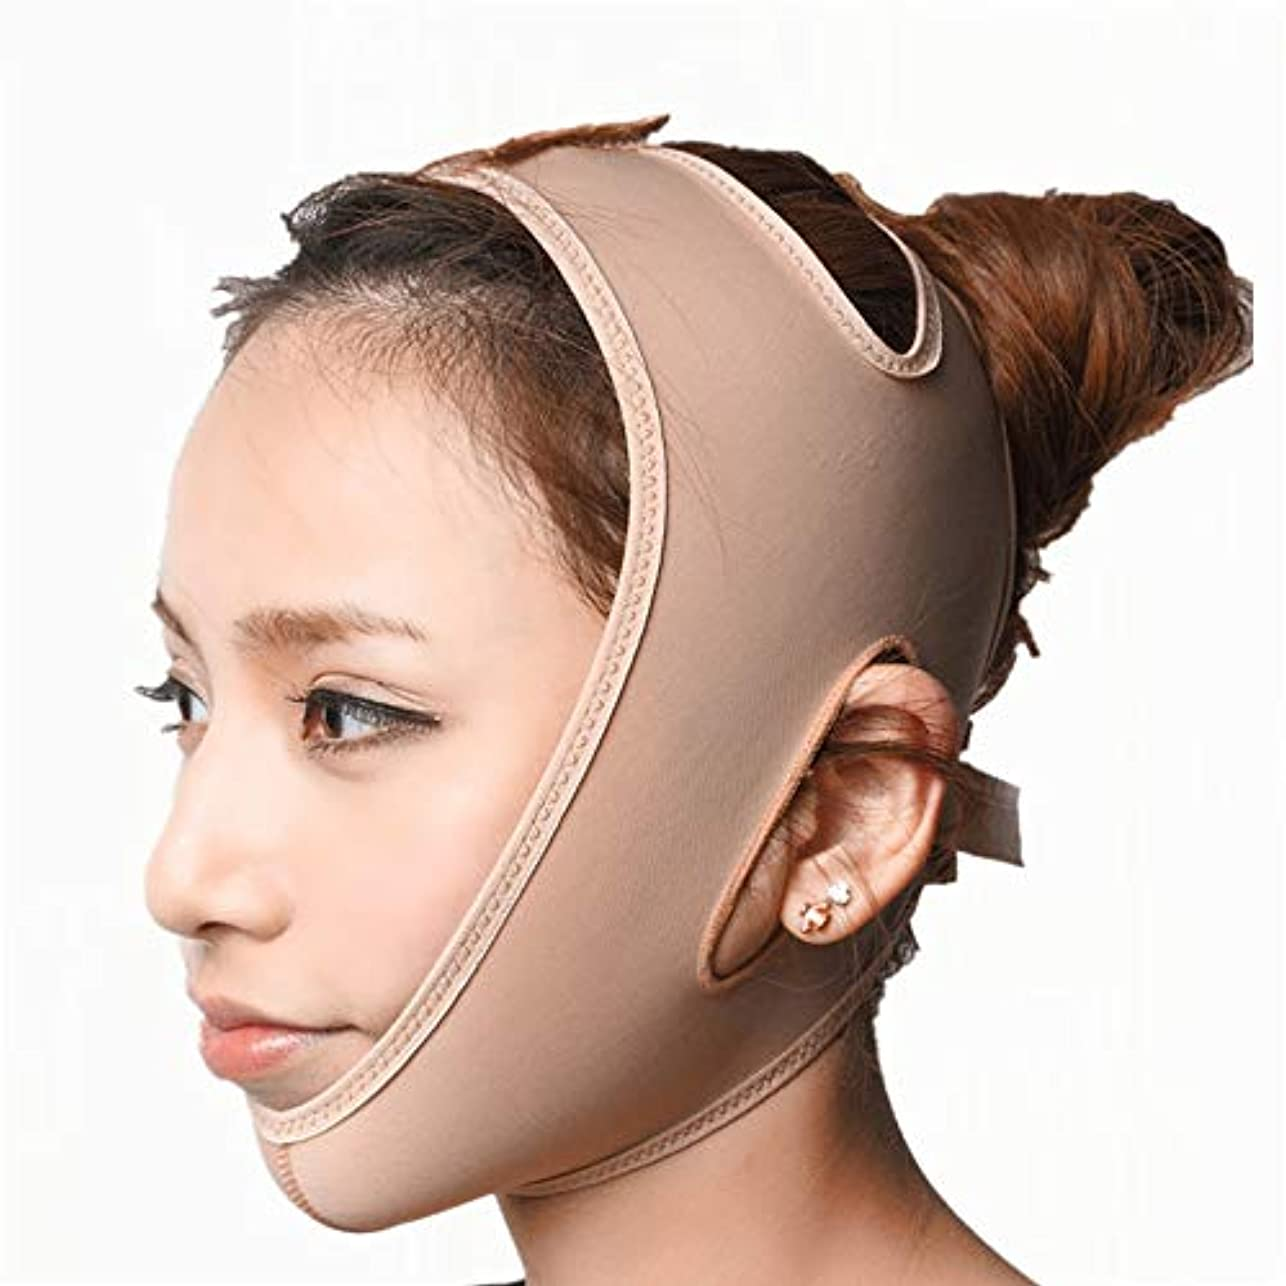 定刻おしゃれな先駆者Jia Jia- 顔の持ち上がる痩身ベルト - アンチエイジングリンクルフェイスマスクベルトシンフェイス包帯整形マスクは顔と首を締めますフェイススリム 顔面包帯 (サイズ さいず : M)